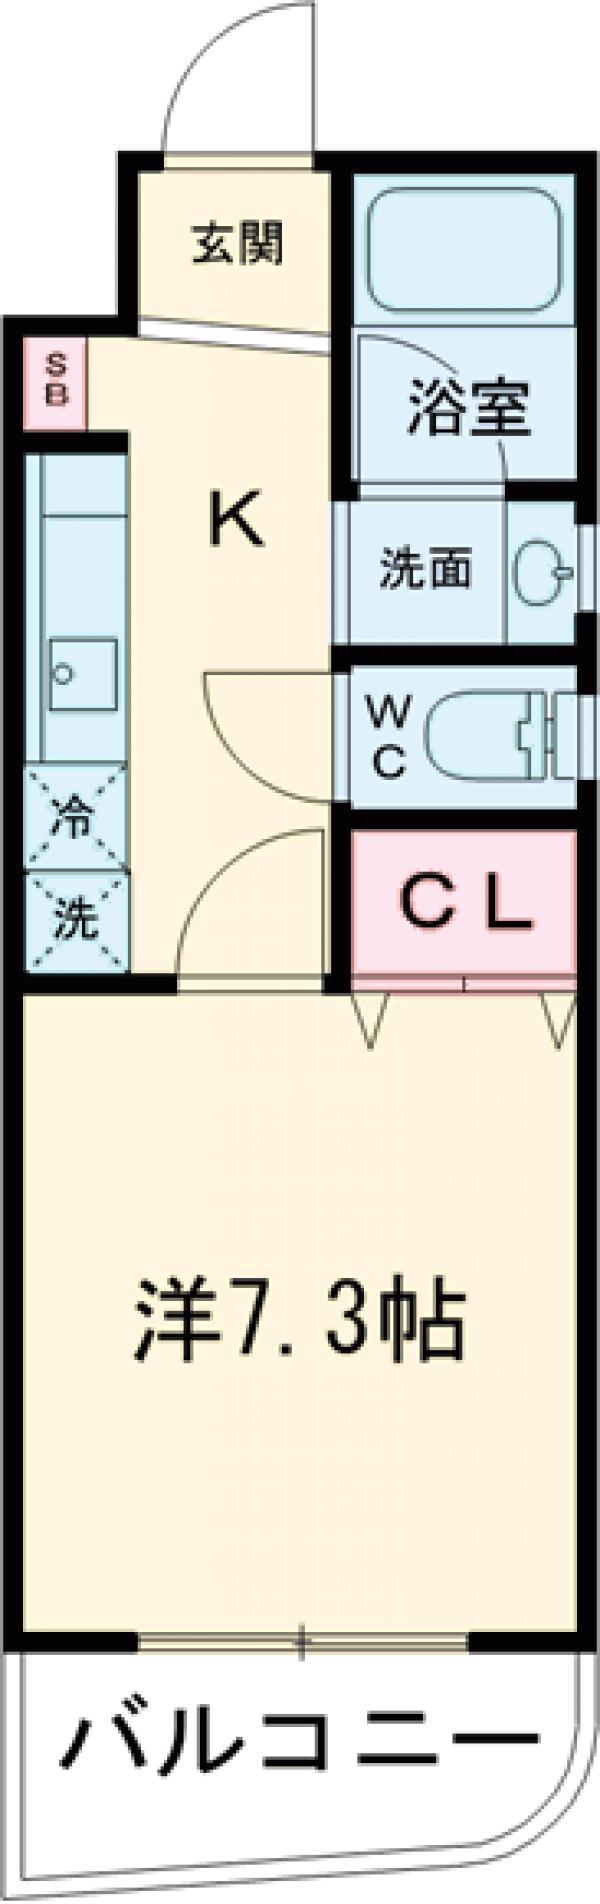 リヴェール石川台 103号室の間取り